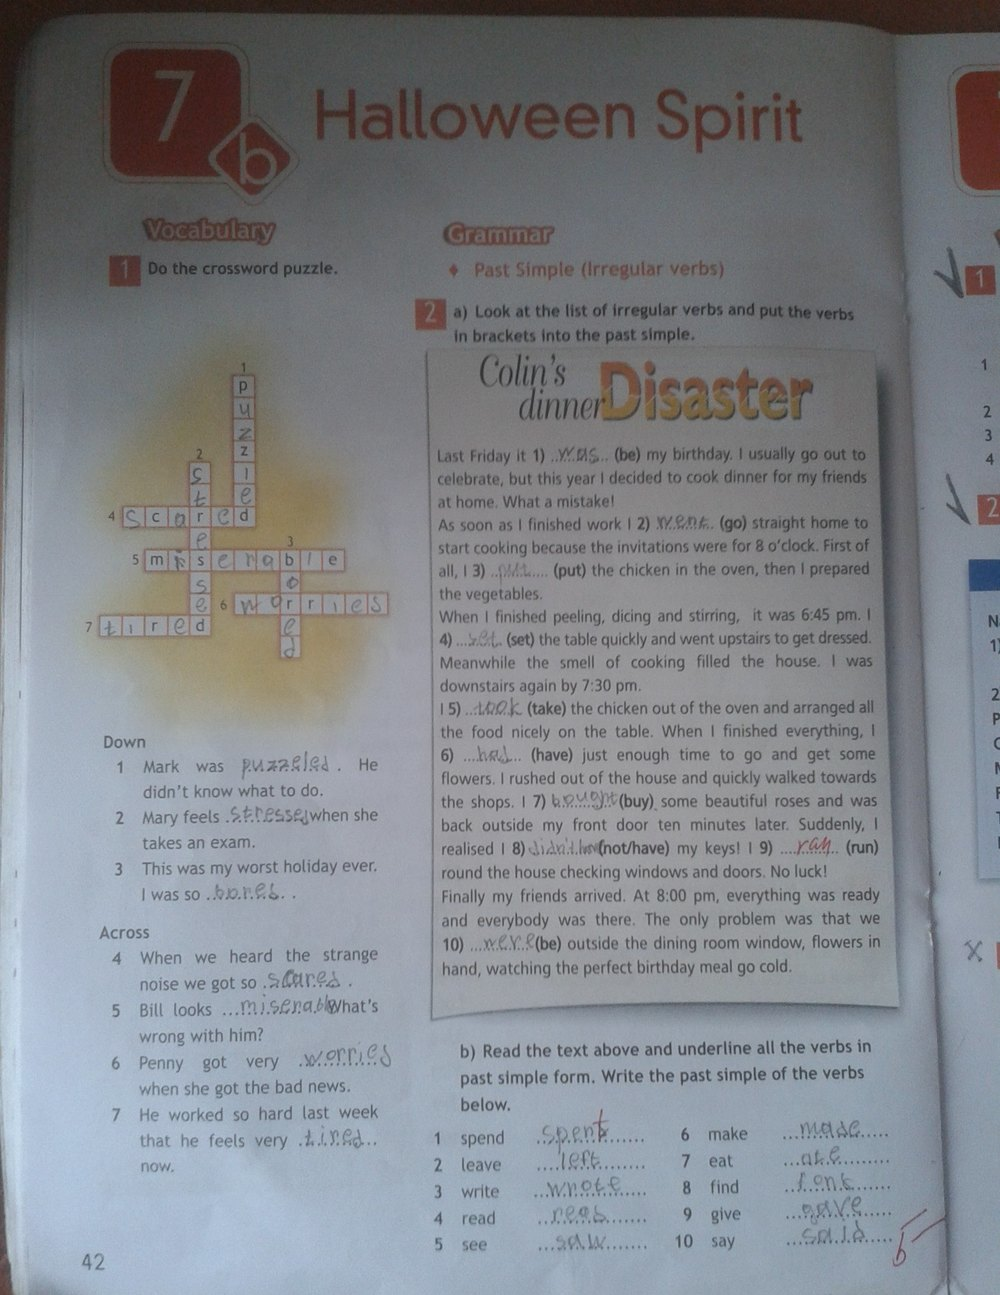 решебник по английскому языку 6 класс olga podolyako